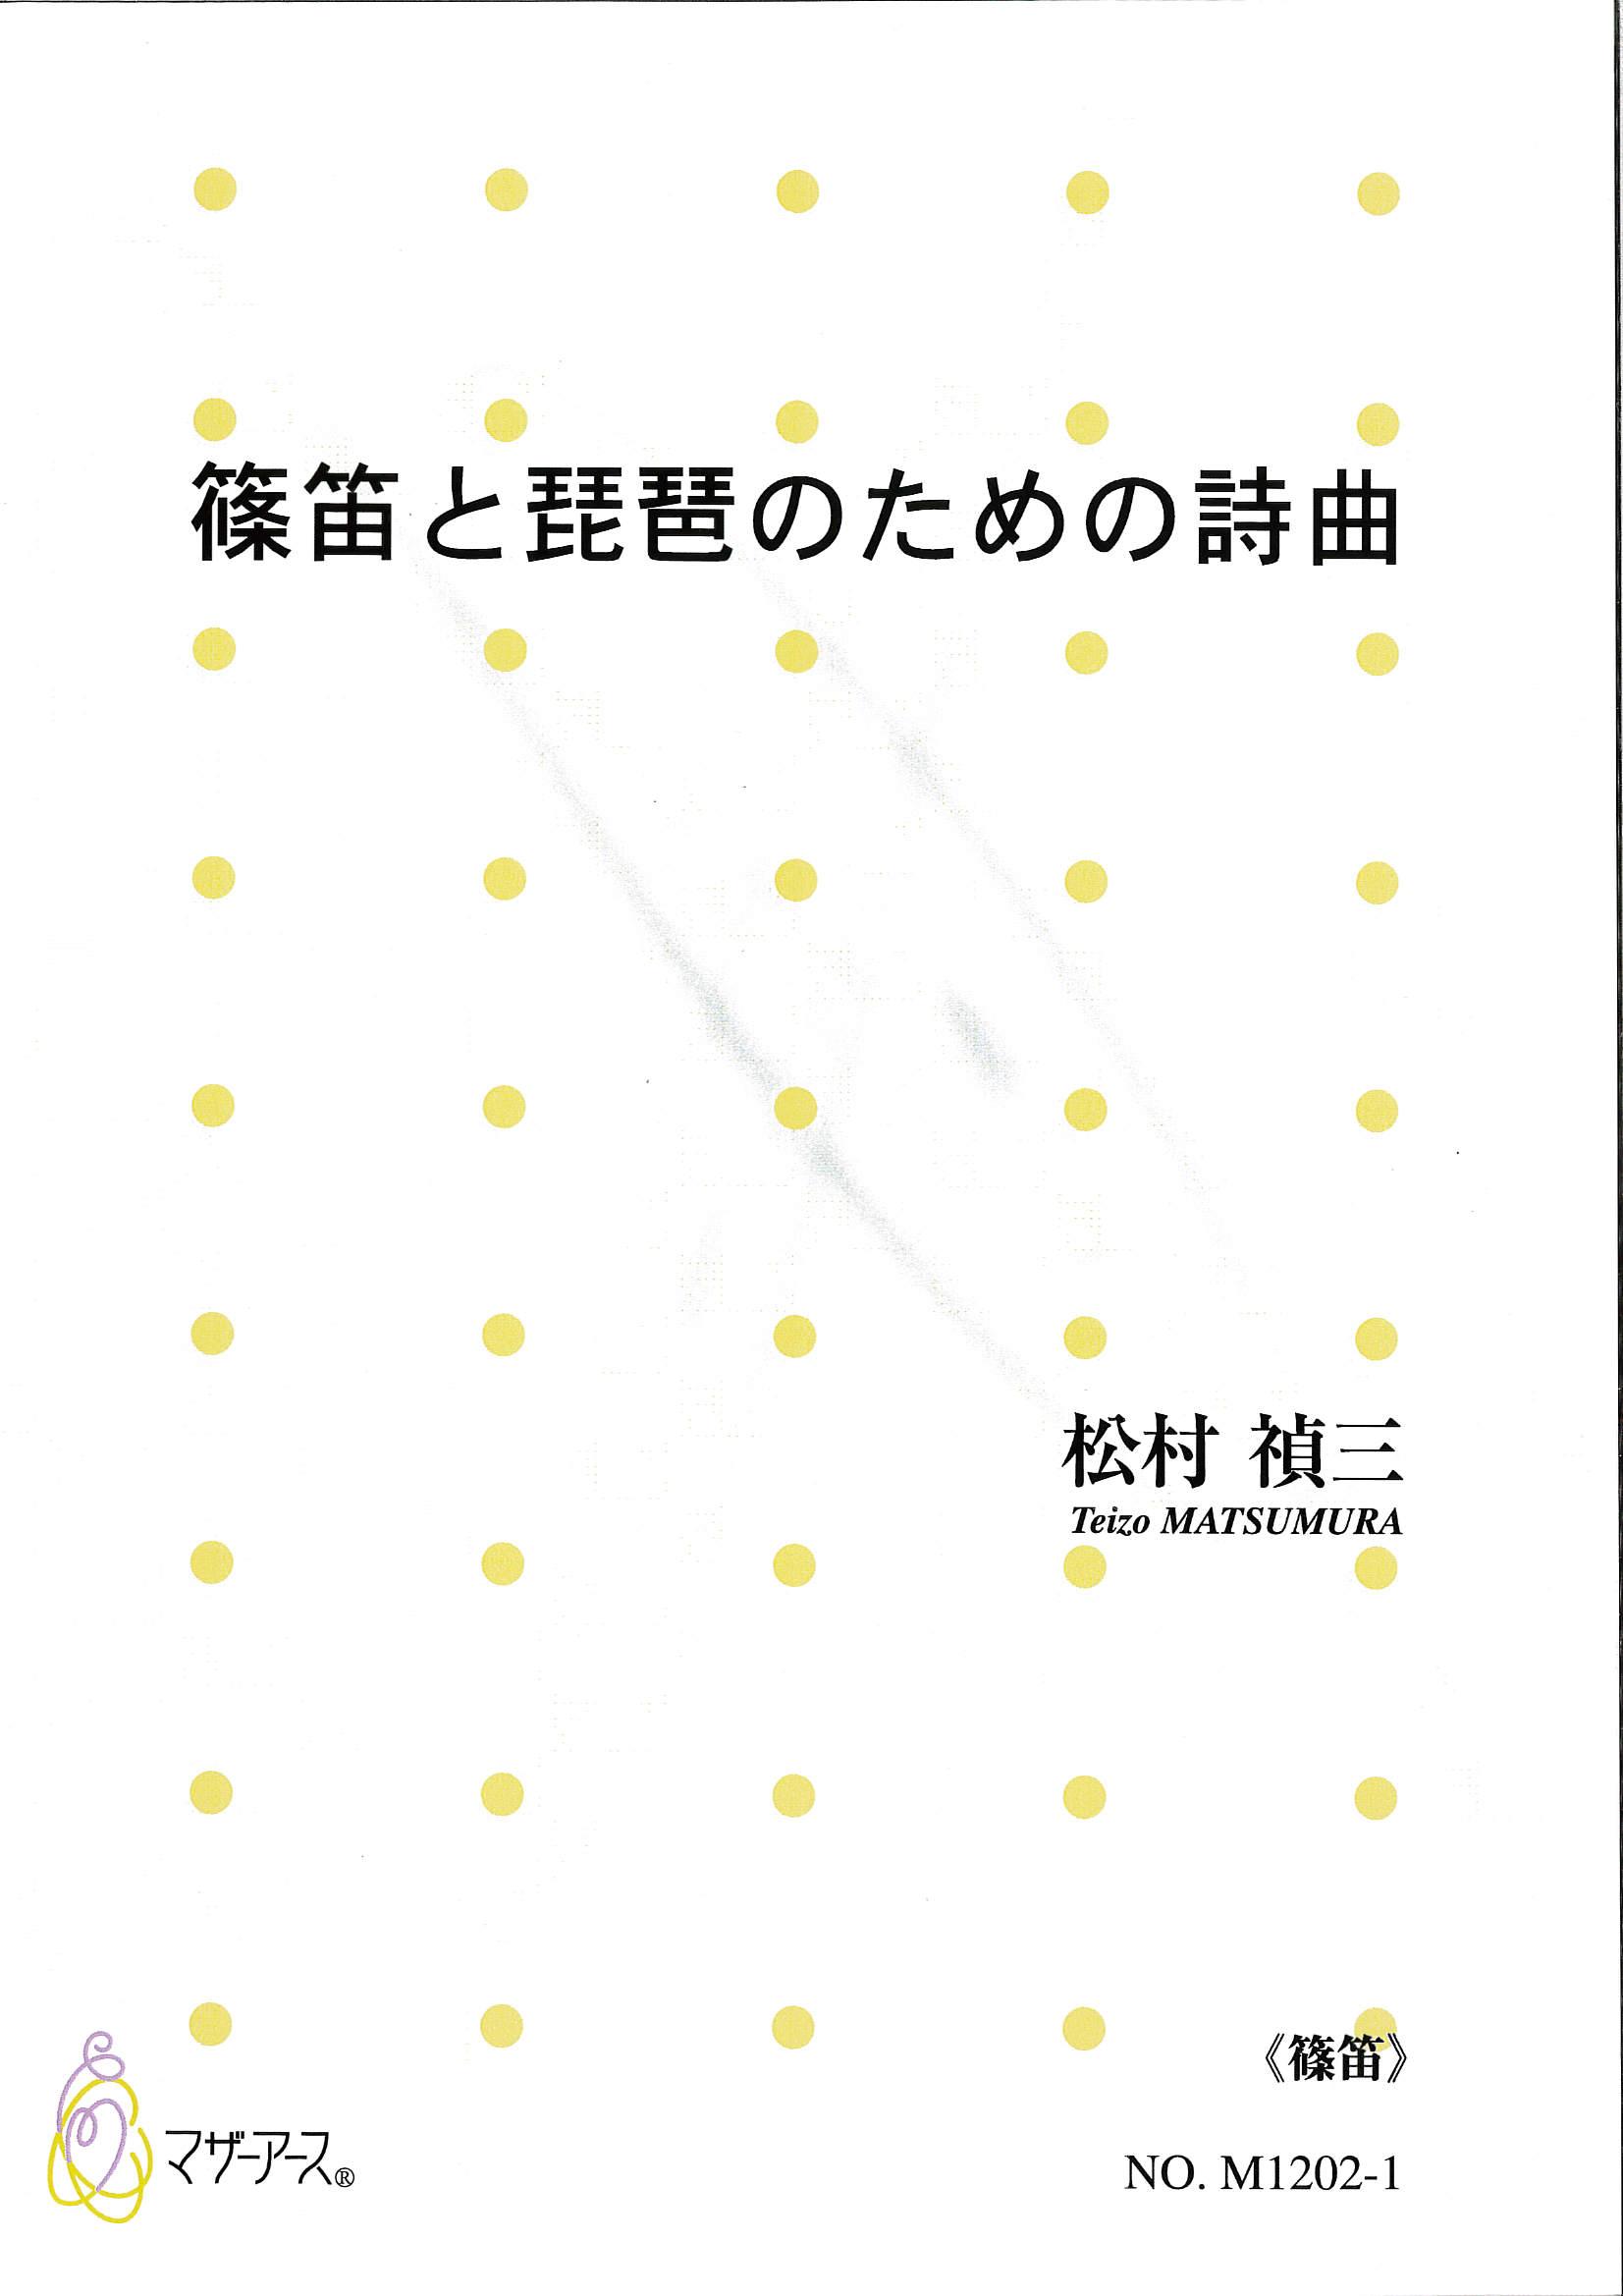 五線譜+篠笛譜 篠笛と琵琶のための詩曲[5239-1]